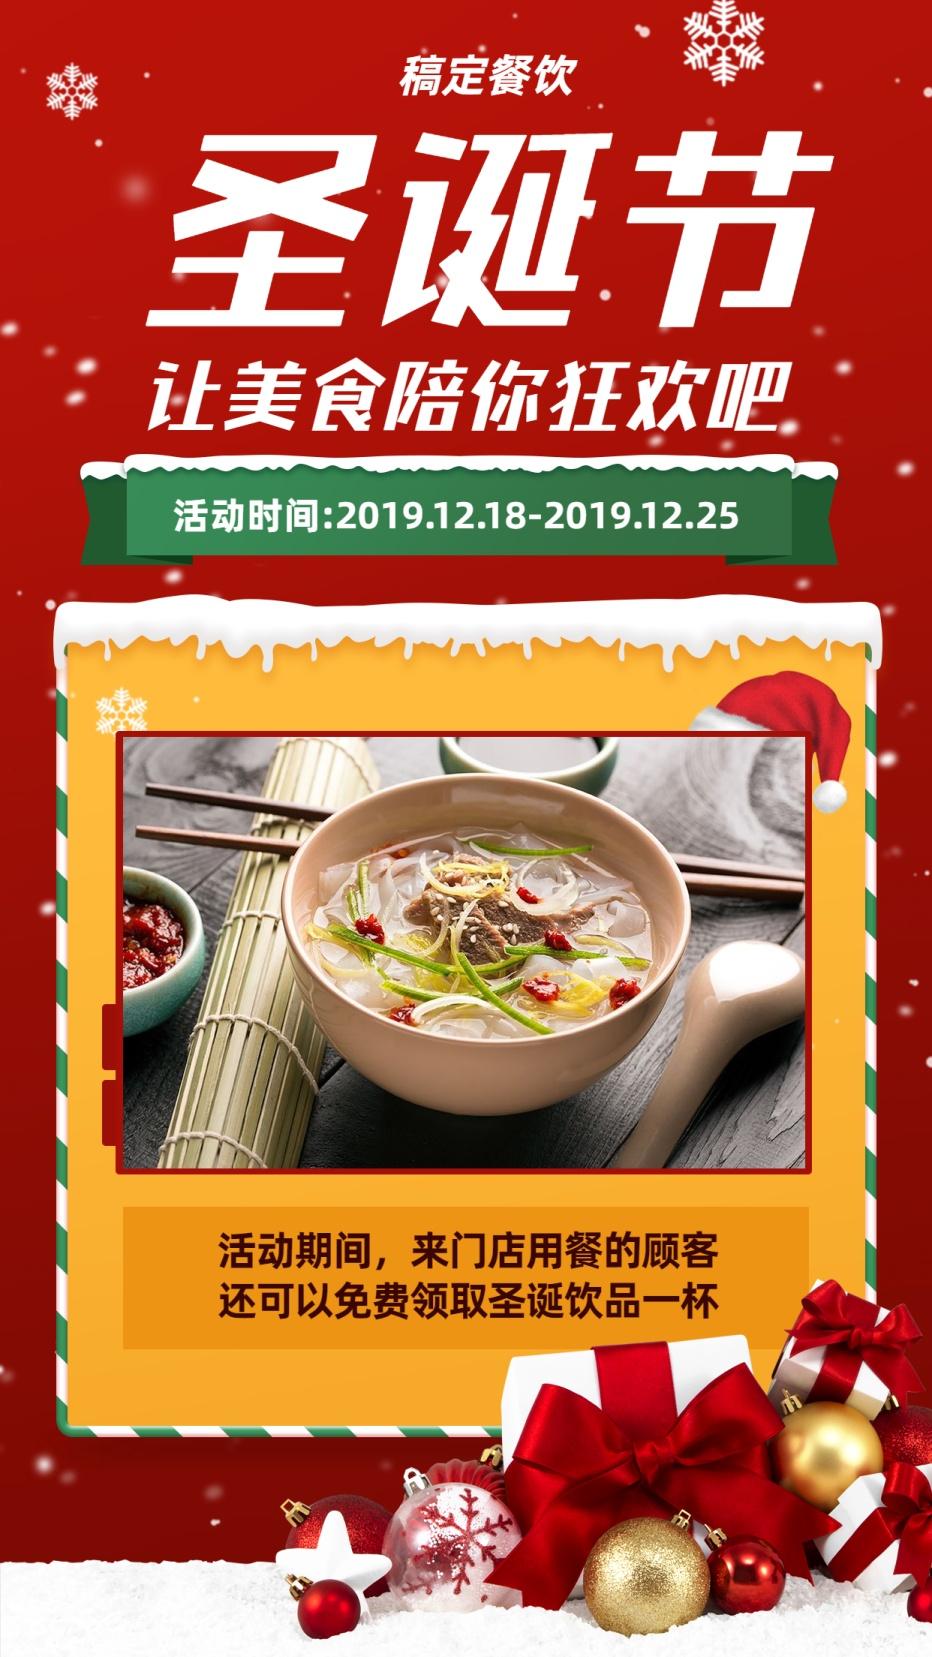 圣诞节促销/餐饮美食/喜庆/手机海报